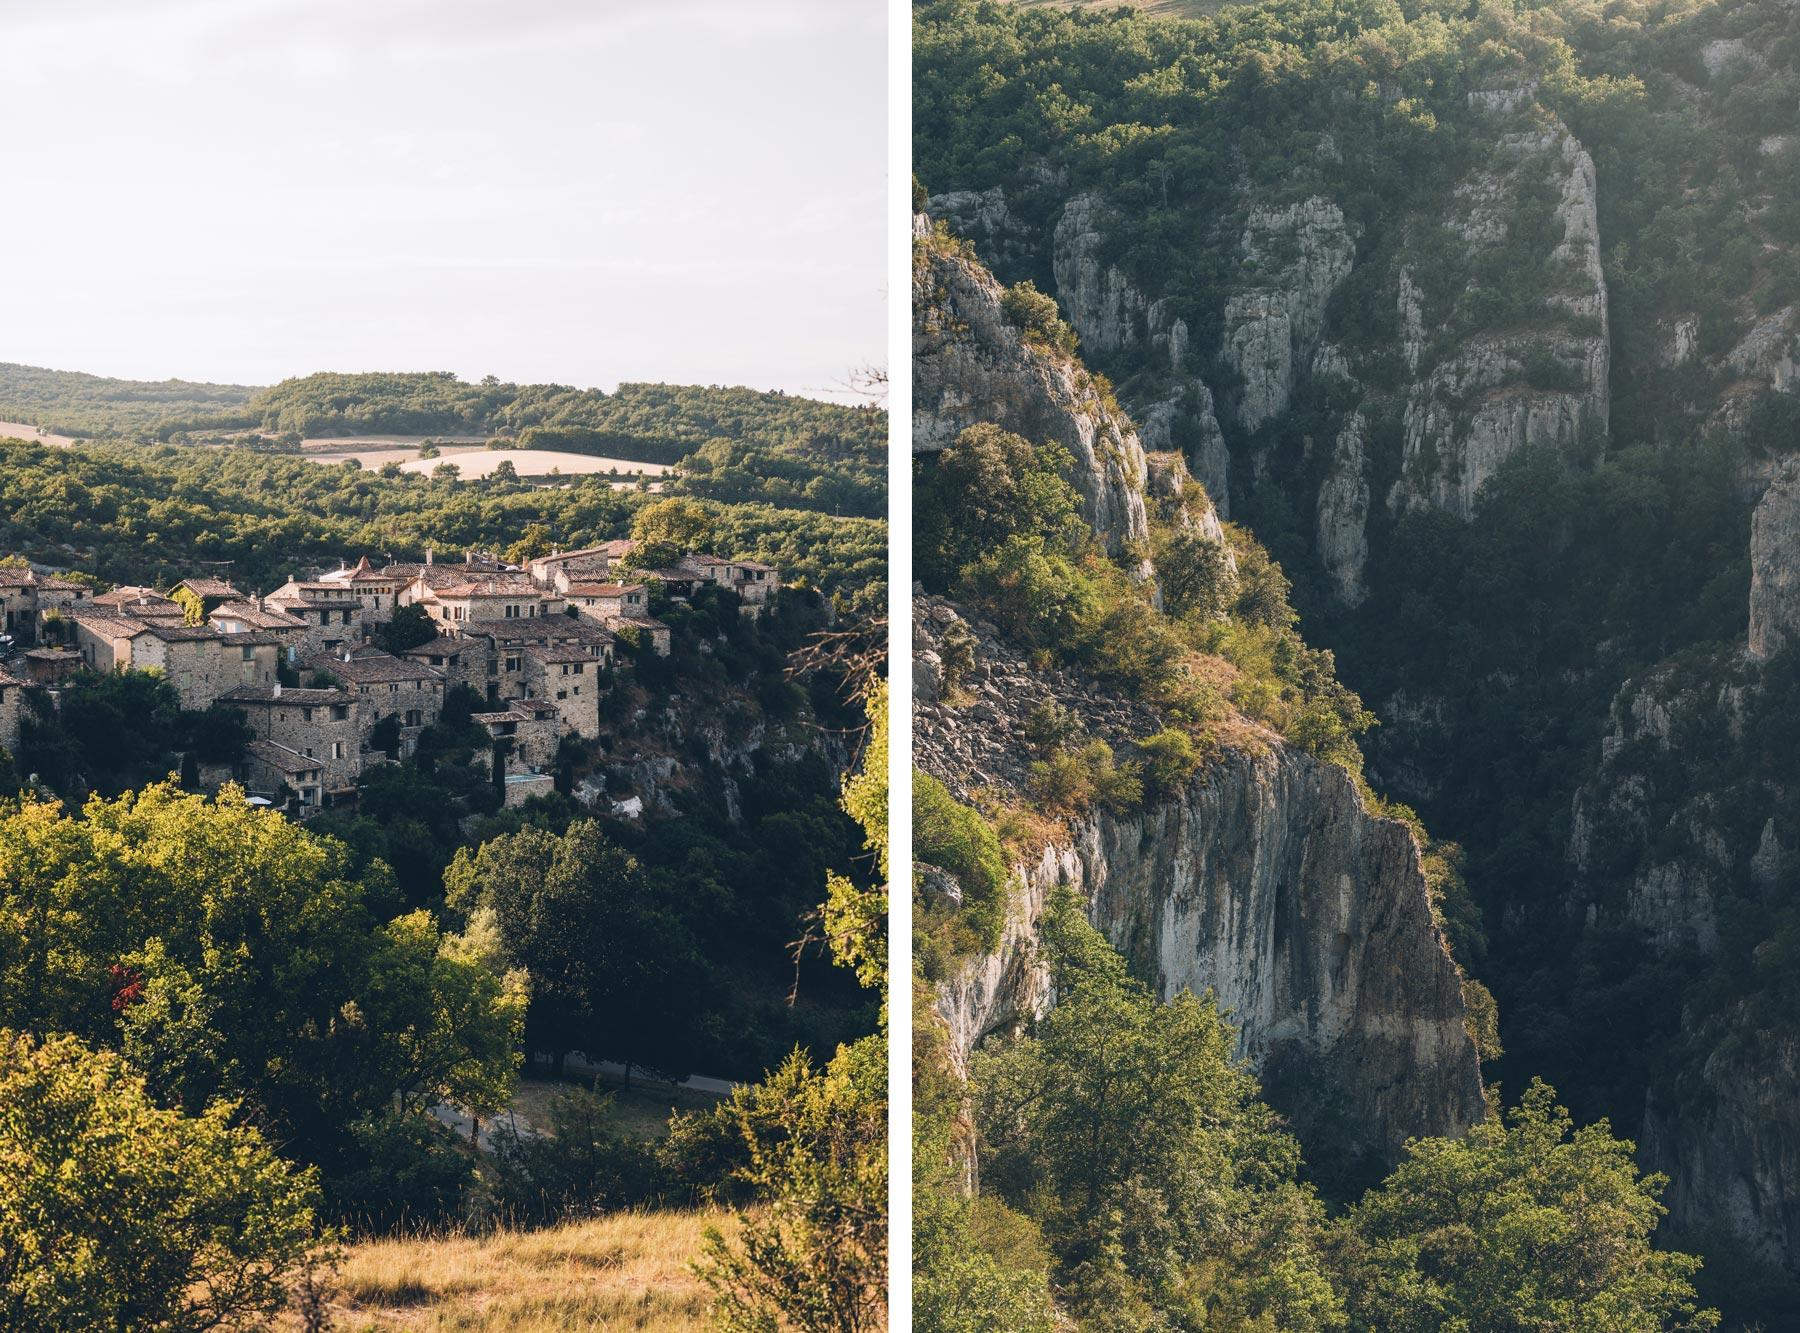 Oppedette, Provence